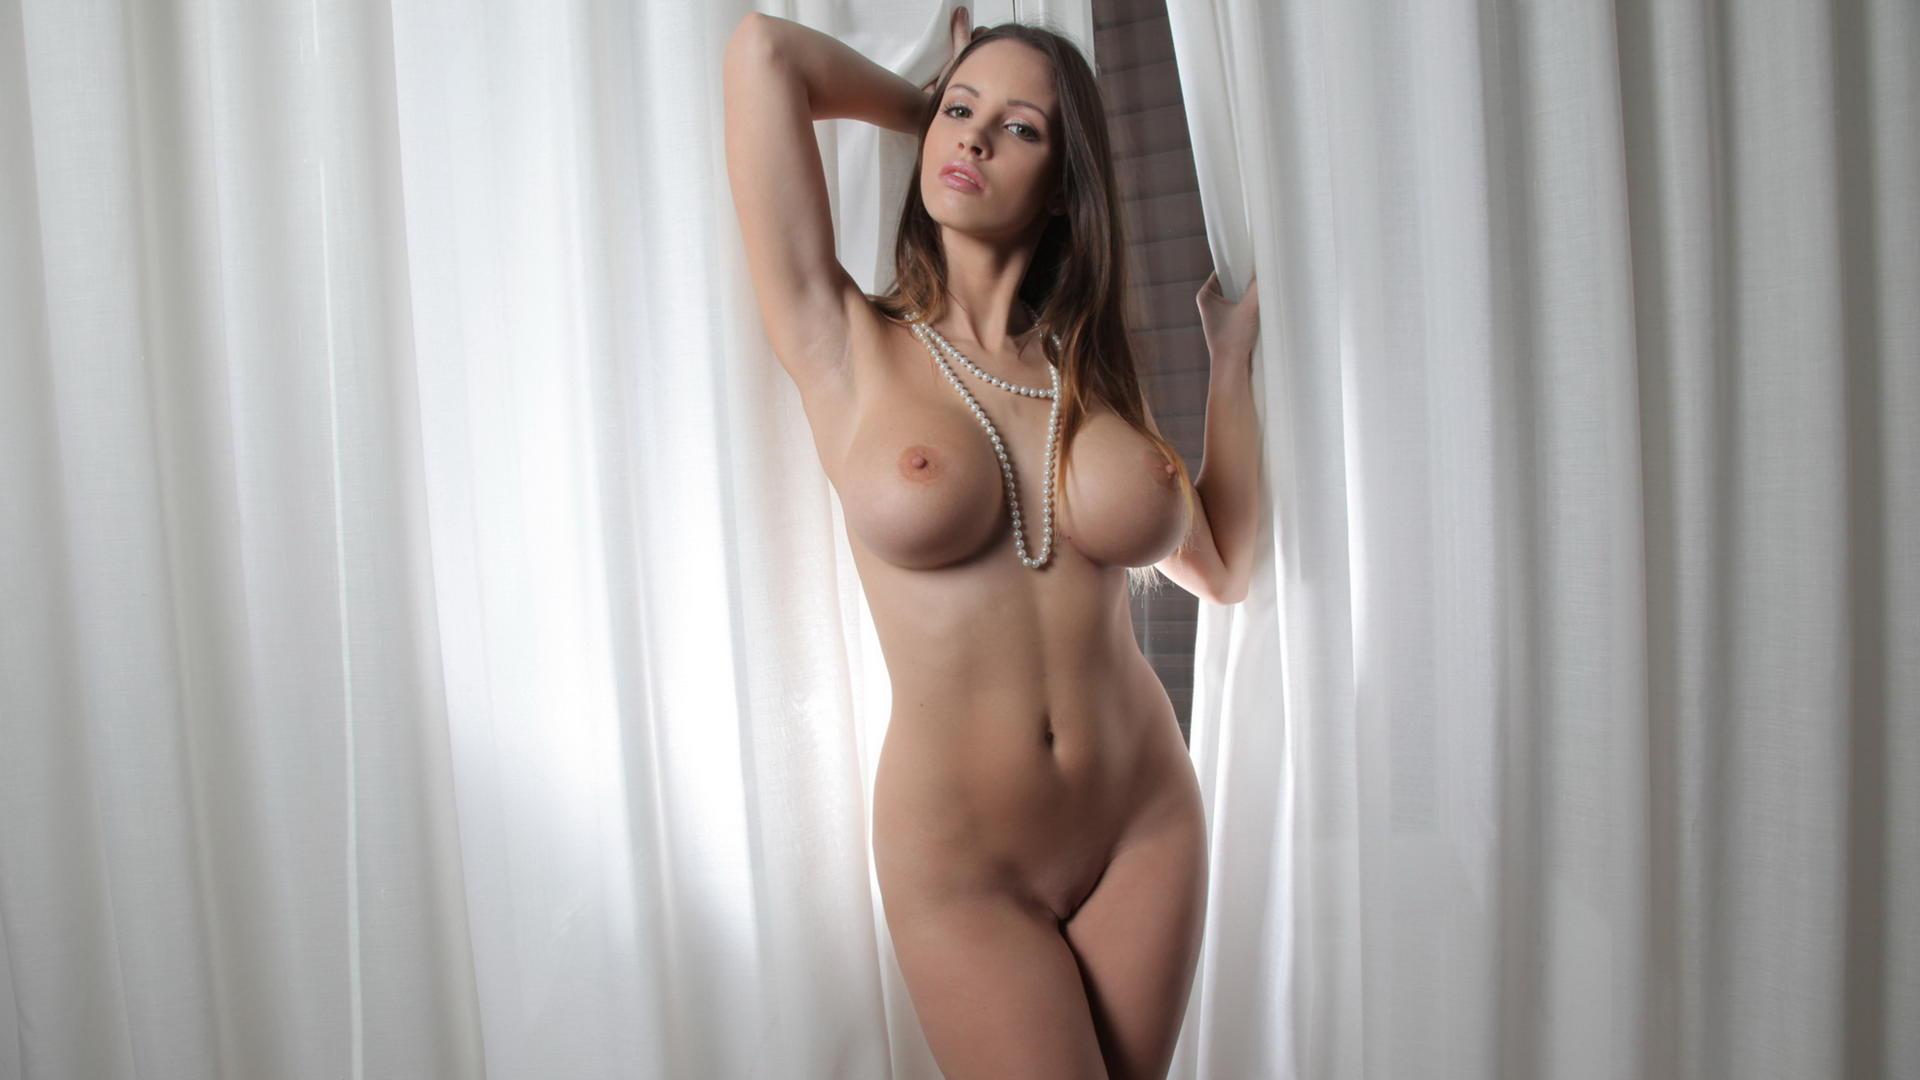 Big boobs tits images